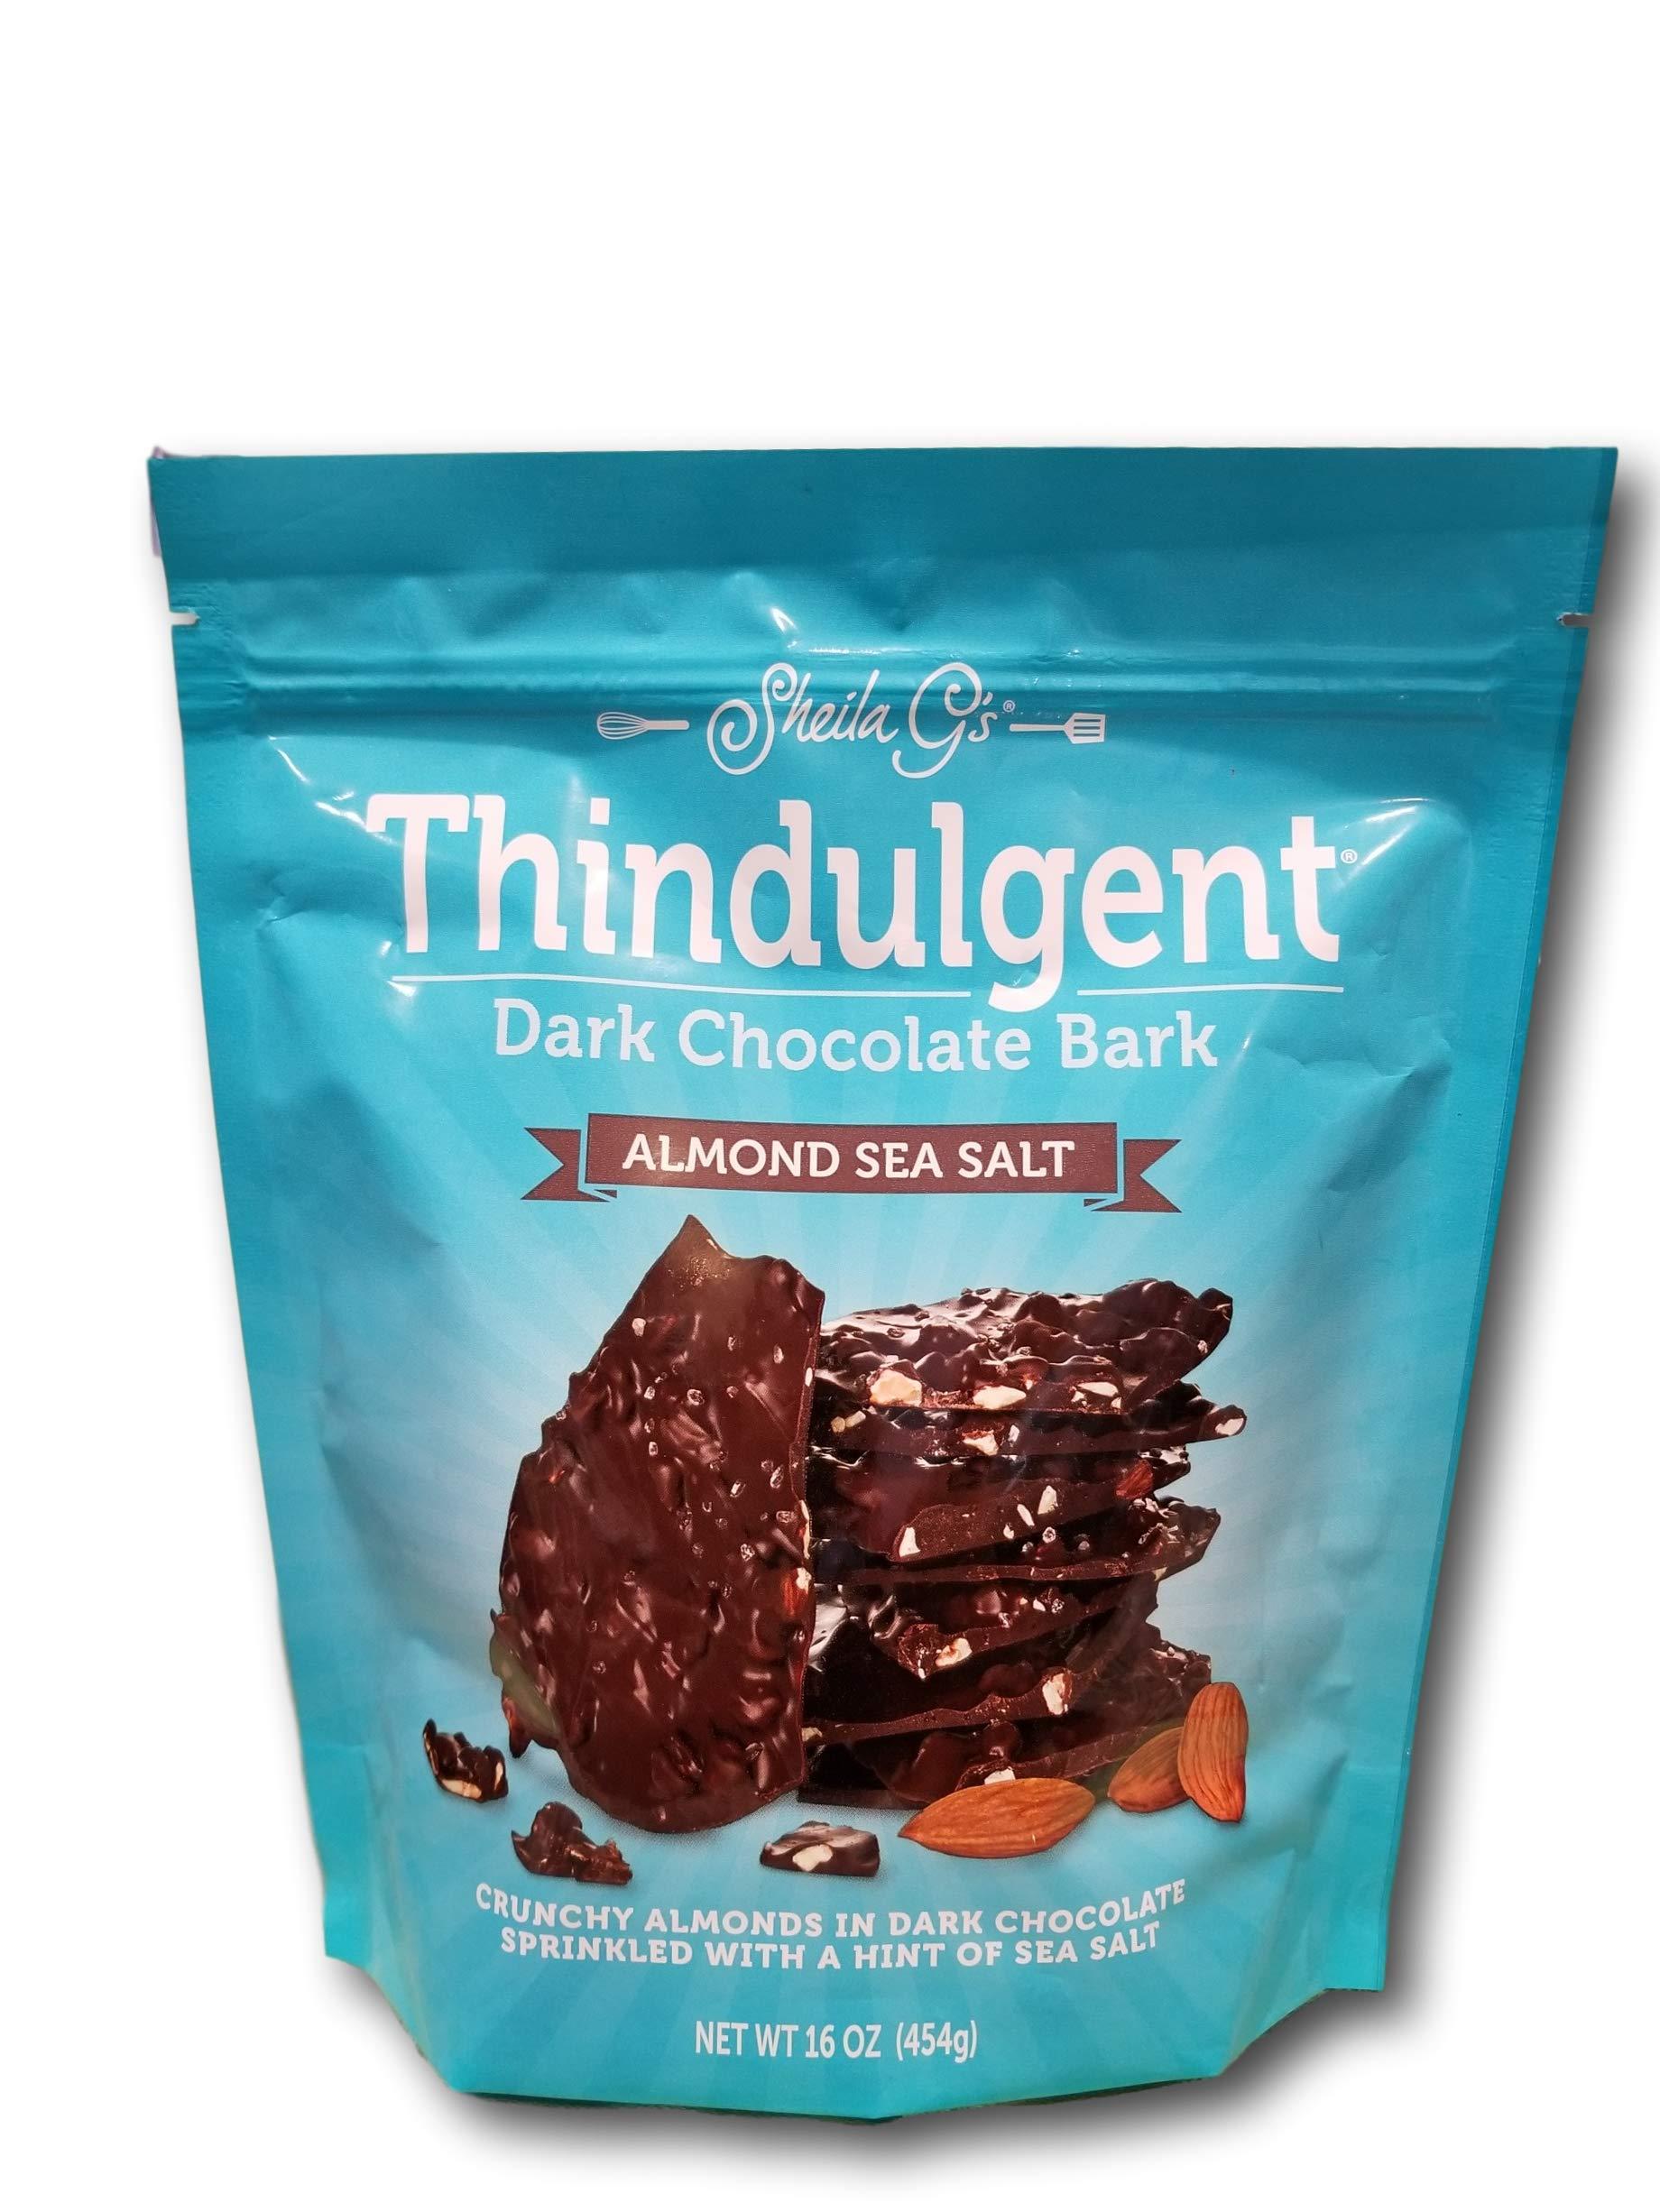 Thindulgent Dark Chocolate Almond Bark with Sea Salt by Thindulgent